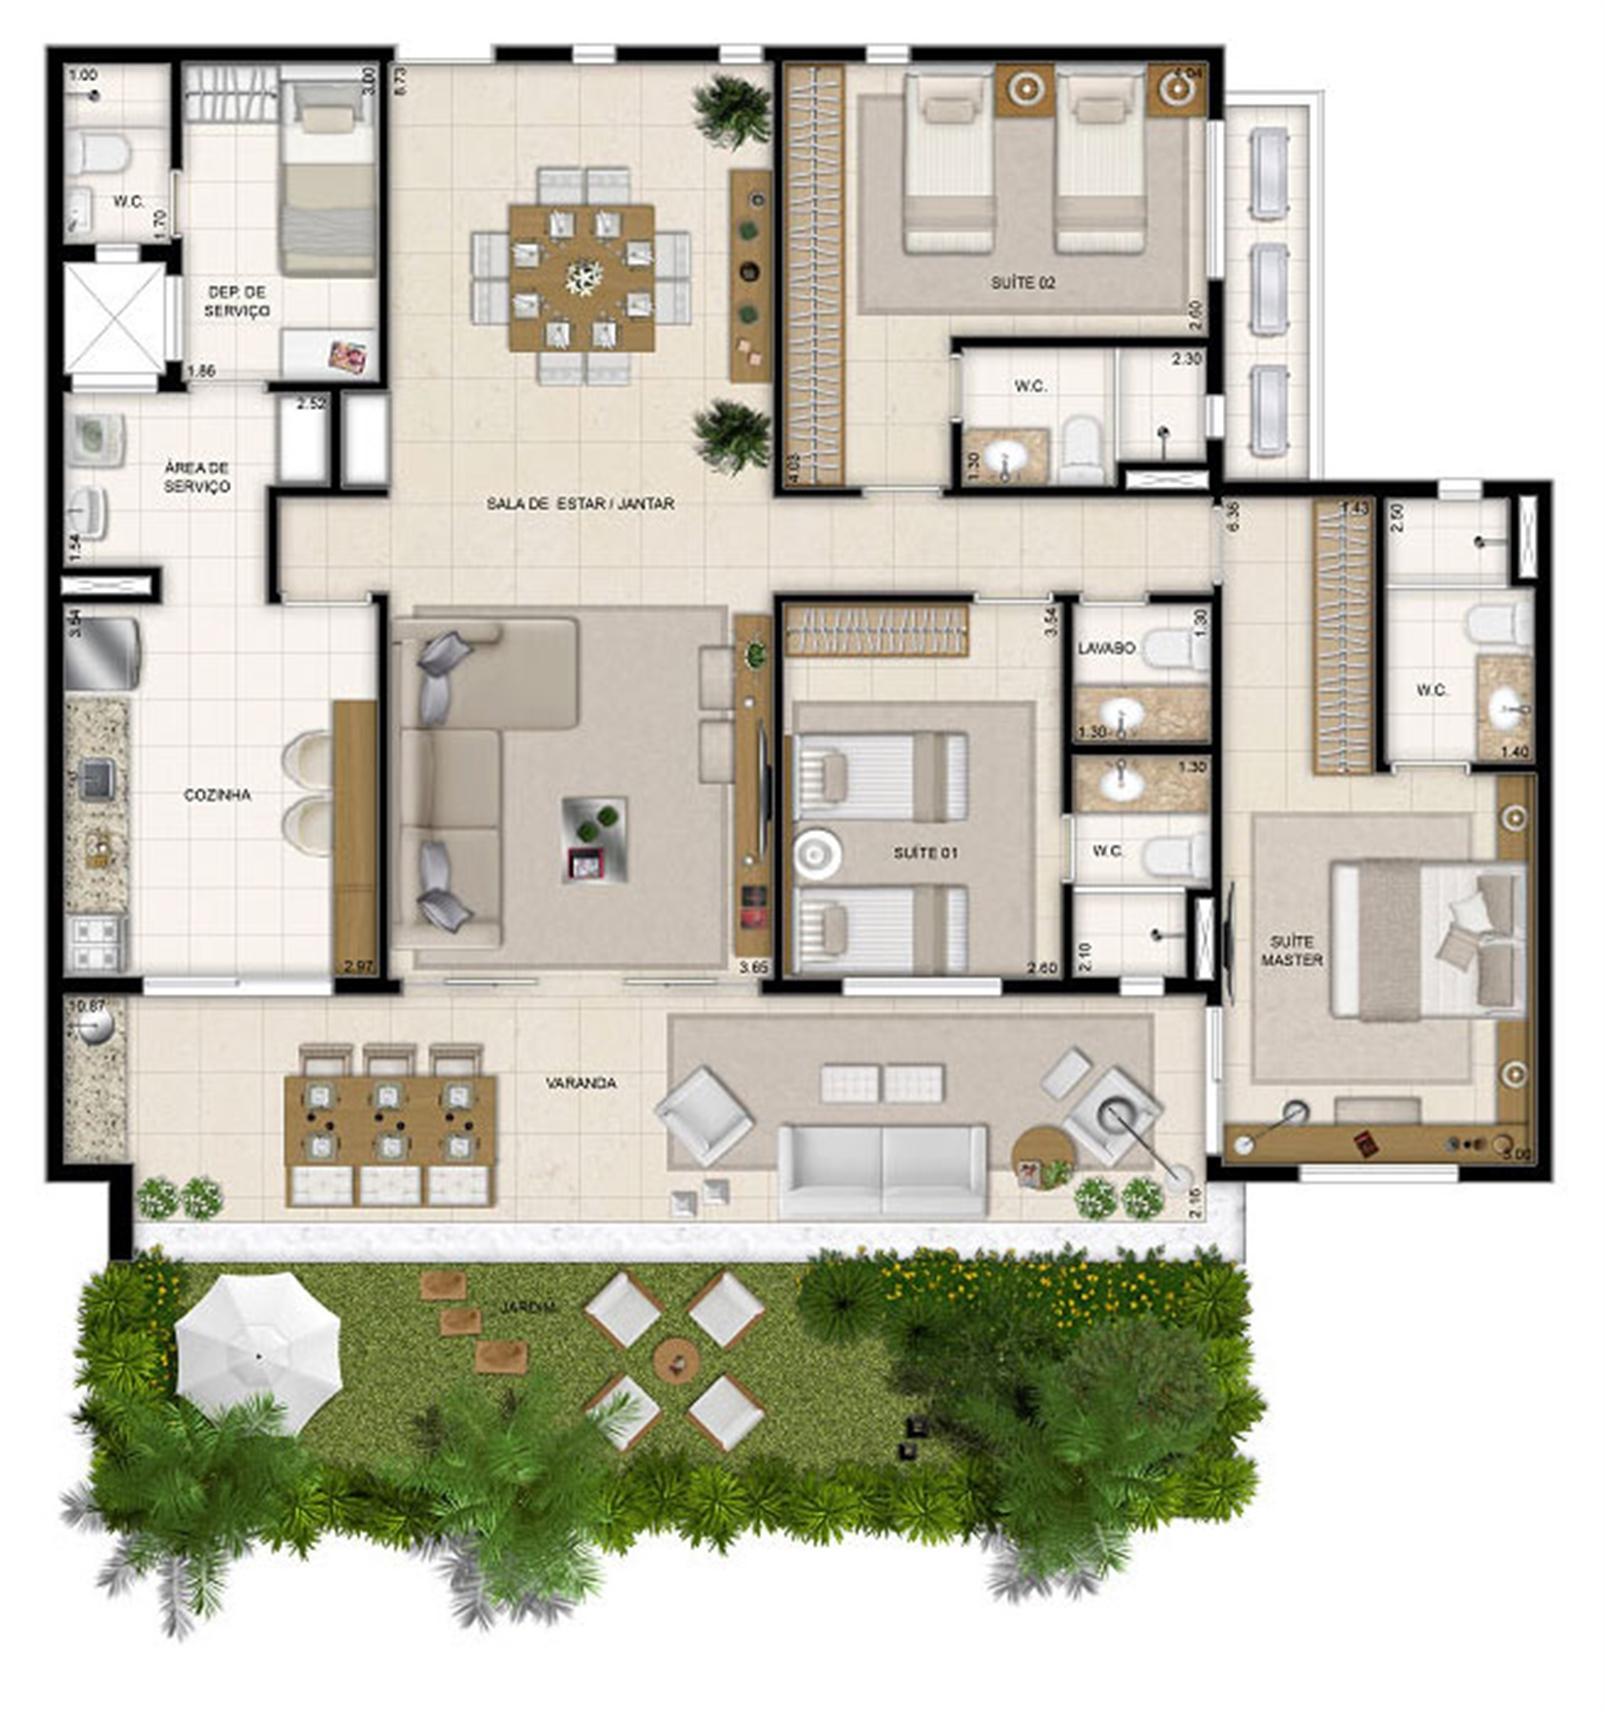 Perspectiva ilustrada da planta Mason Moana 148 m² | Mandara Kauai – Apartamentono  Porto das Dunas - Aquiraz - Ceará